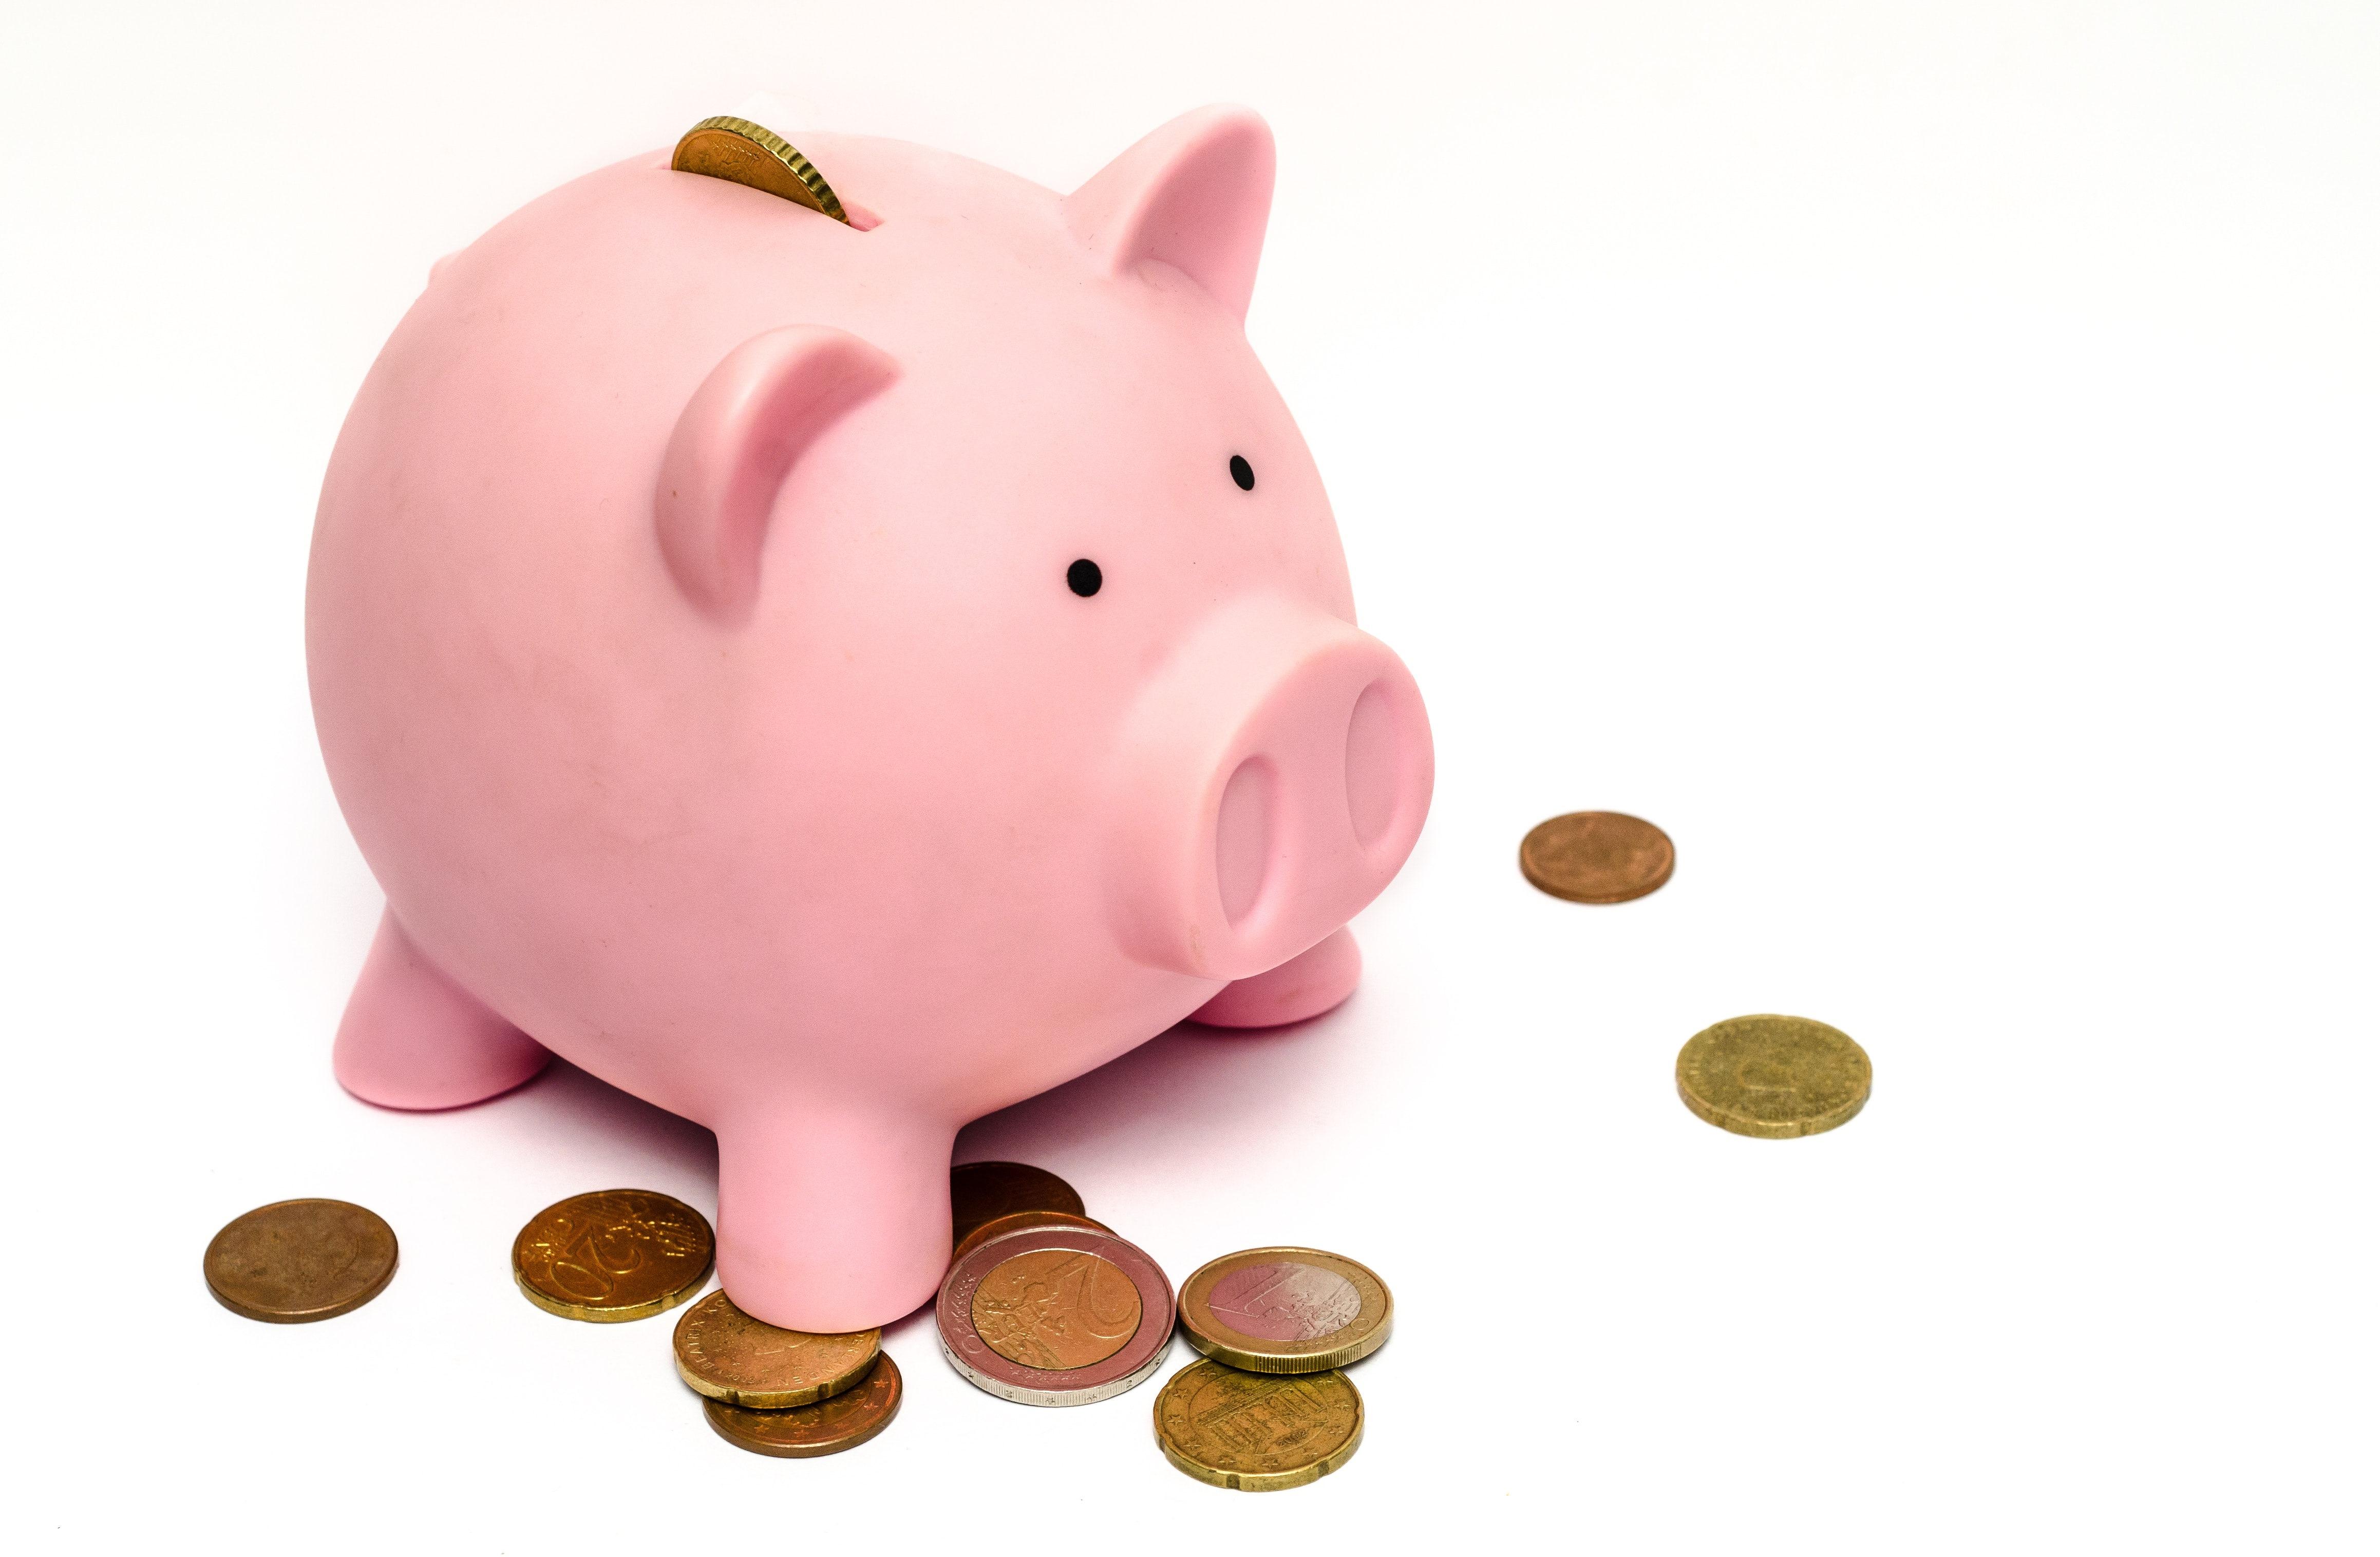 5 ทริค! การออมเงินสุดแปลก แต่ทำแล้วเวิร์ค ช่วยให้รวยไม่รู้ตัว